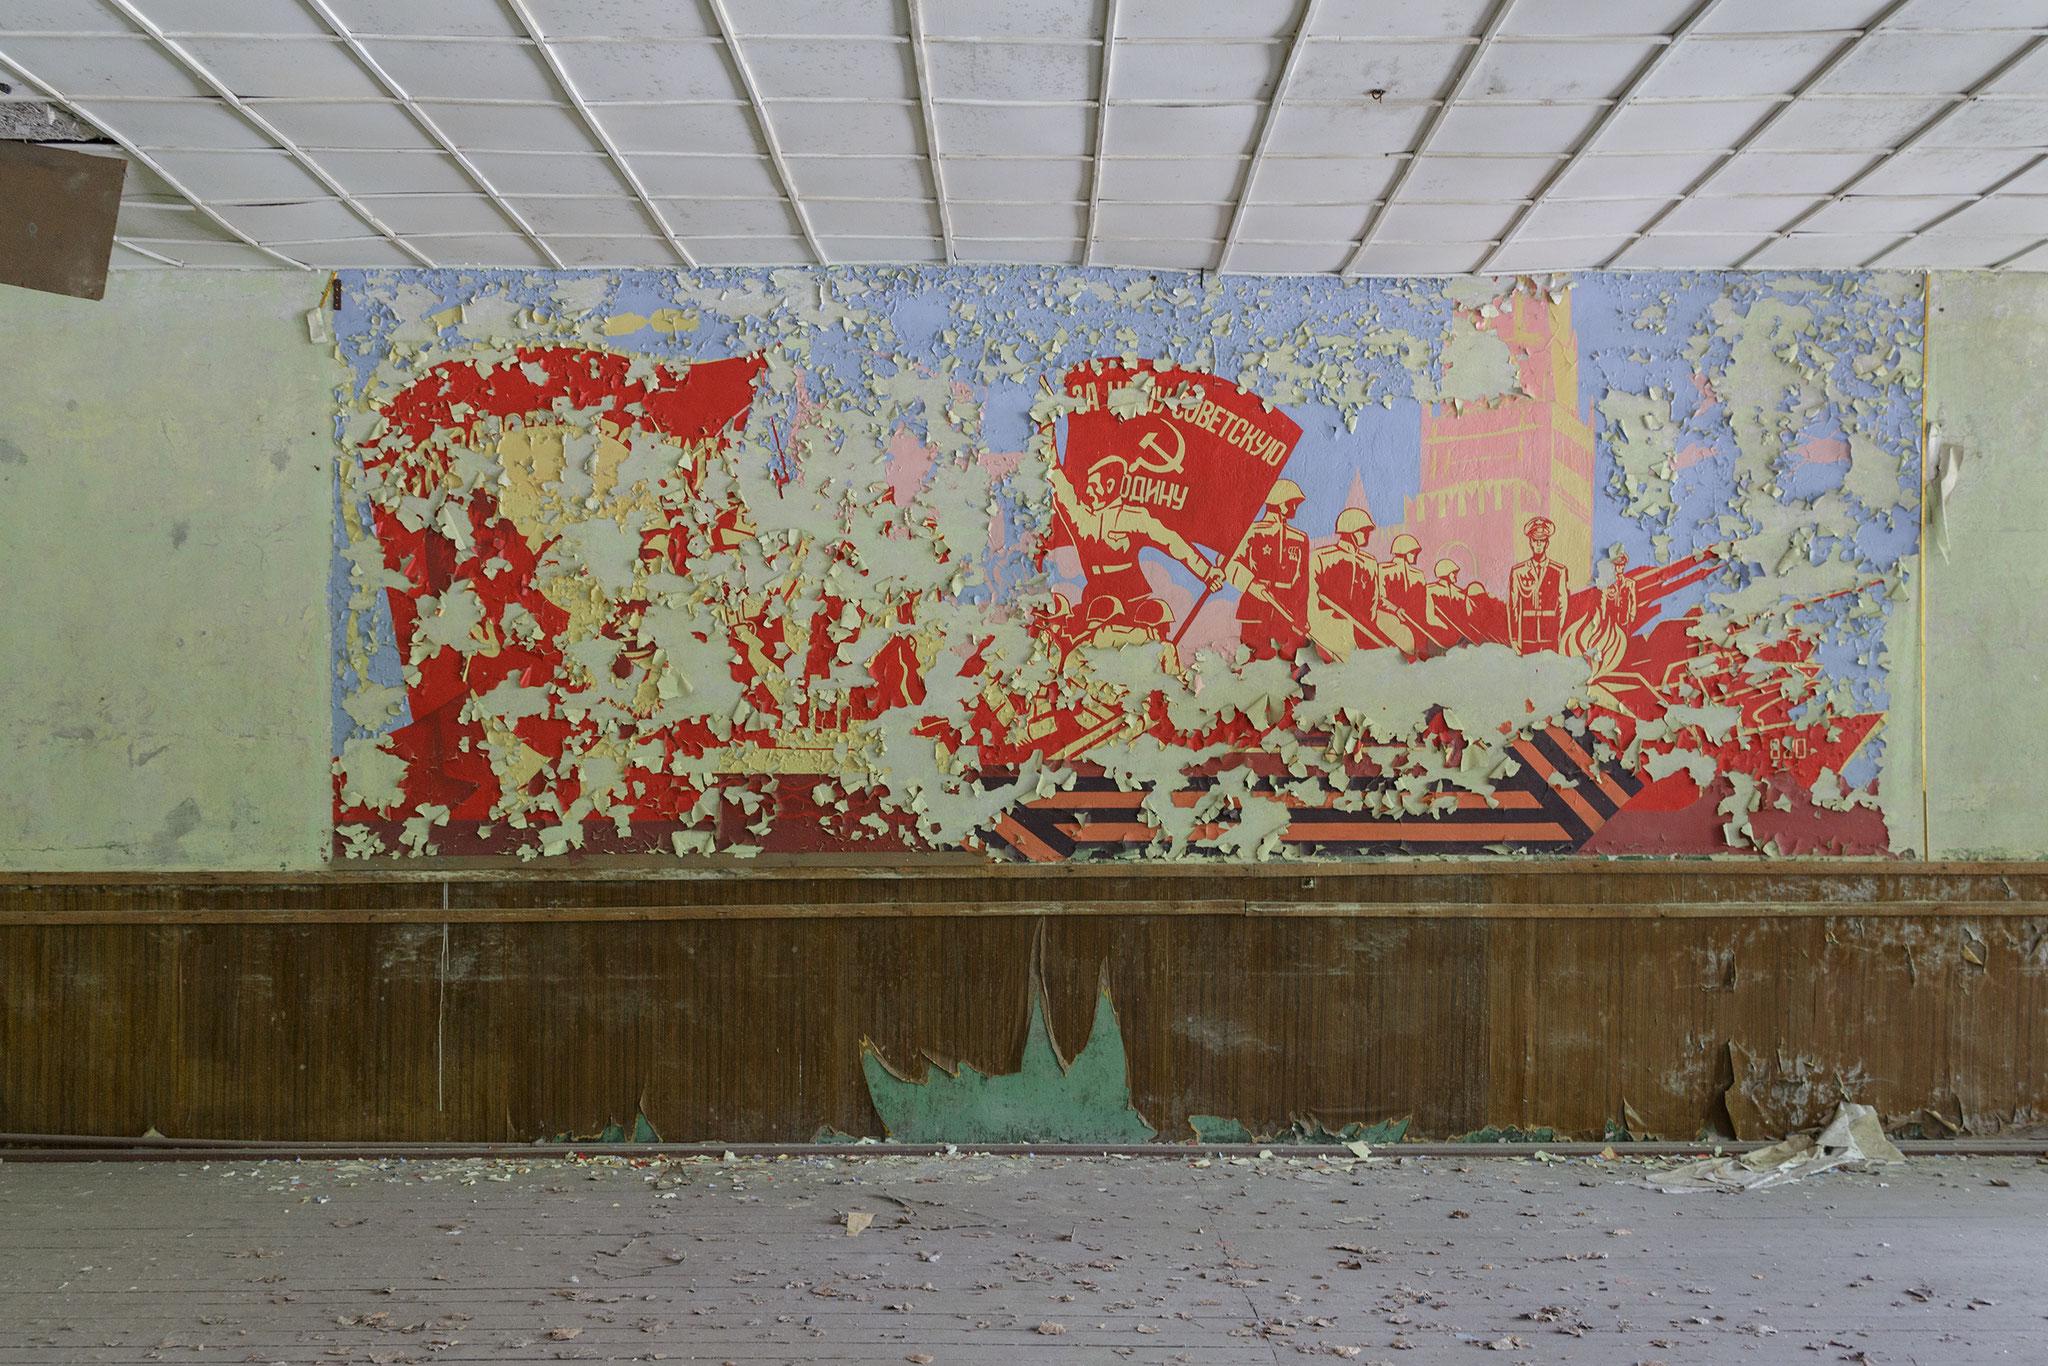 Mural in the repair facility, 2019